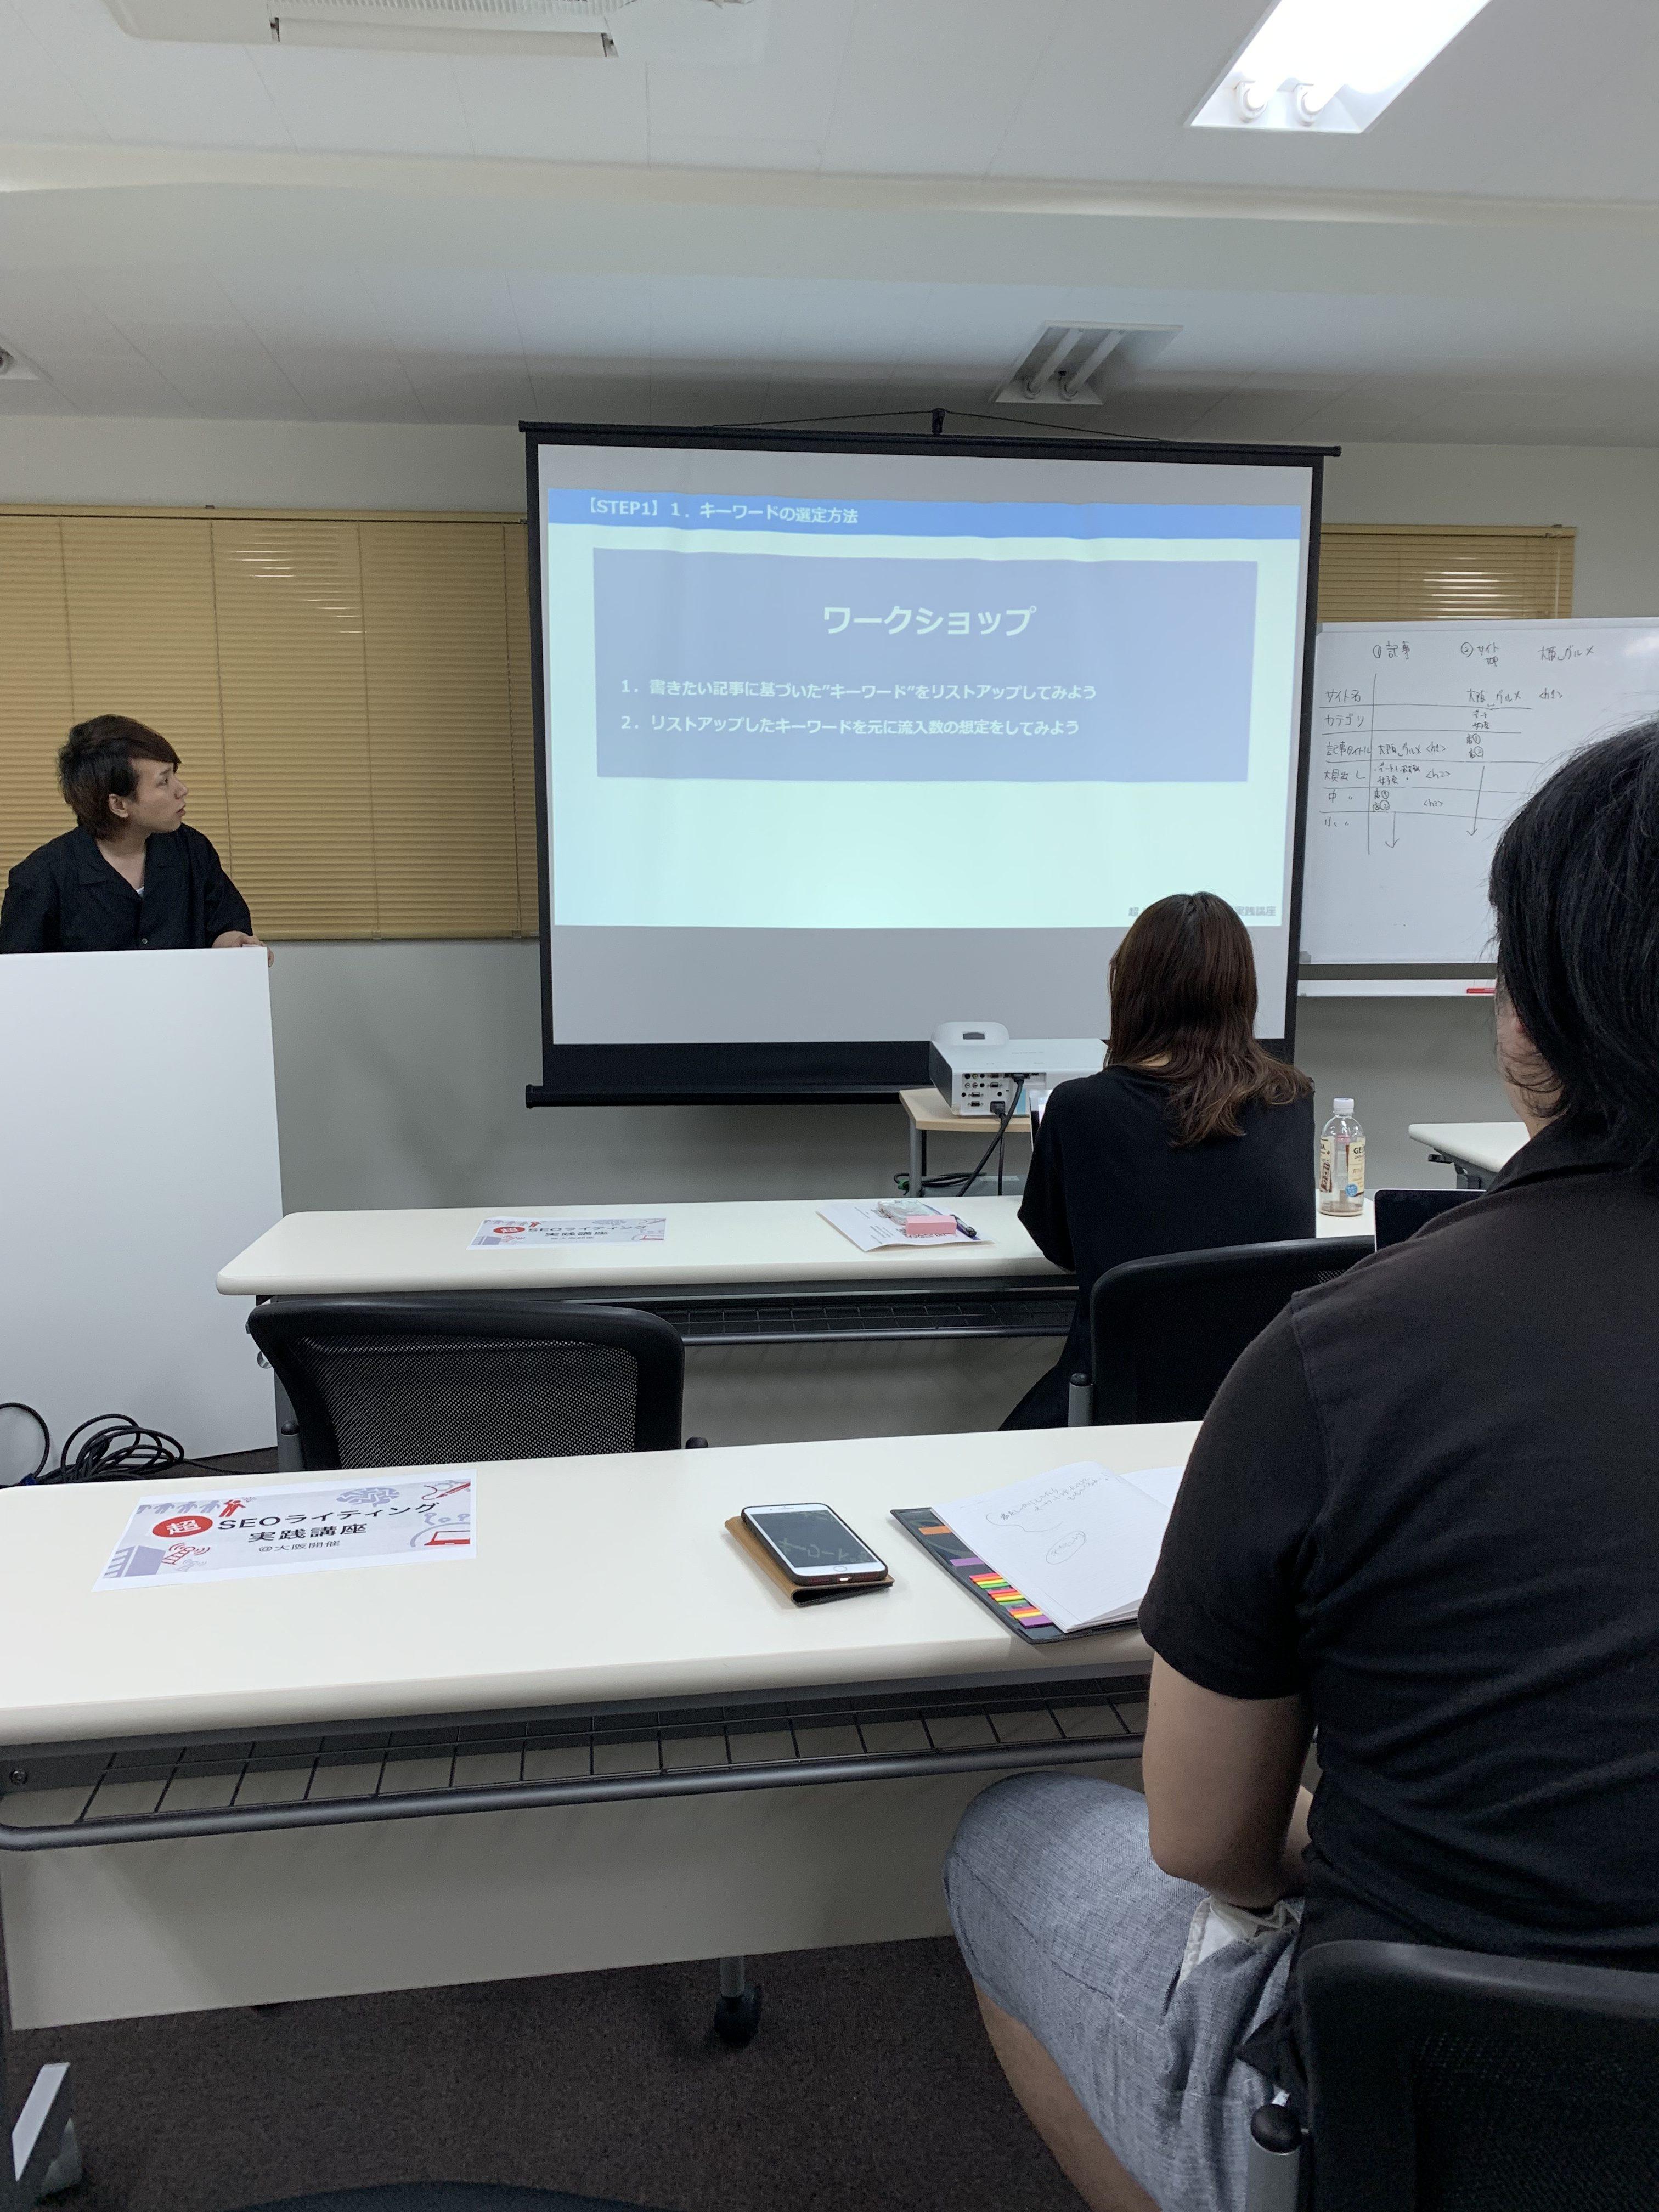 SEO対策でライティング実践講座受講しブログ記事改善に拍車